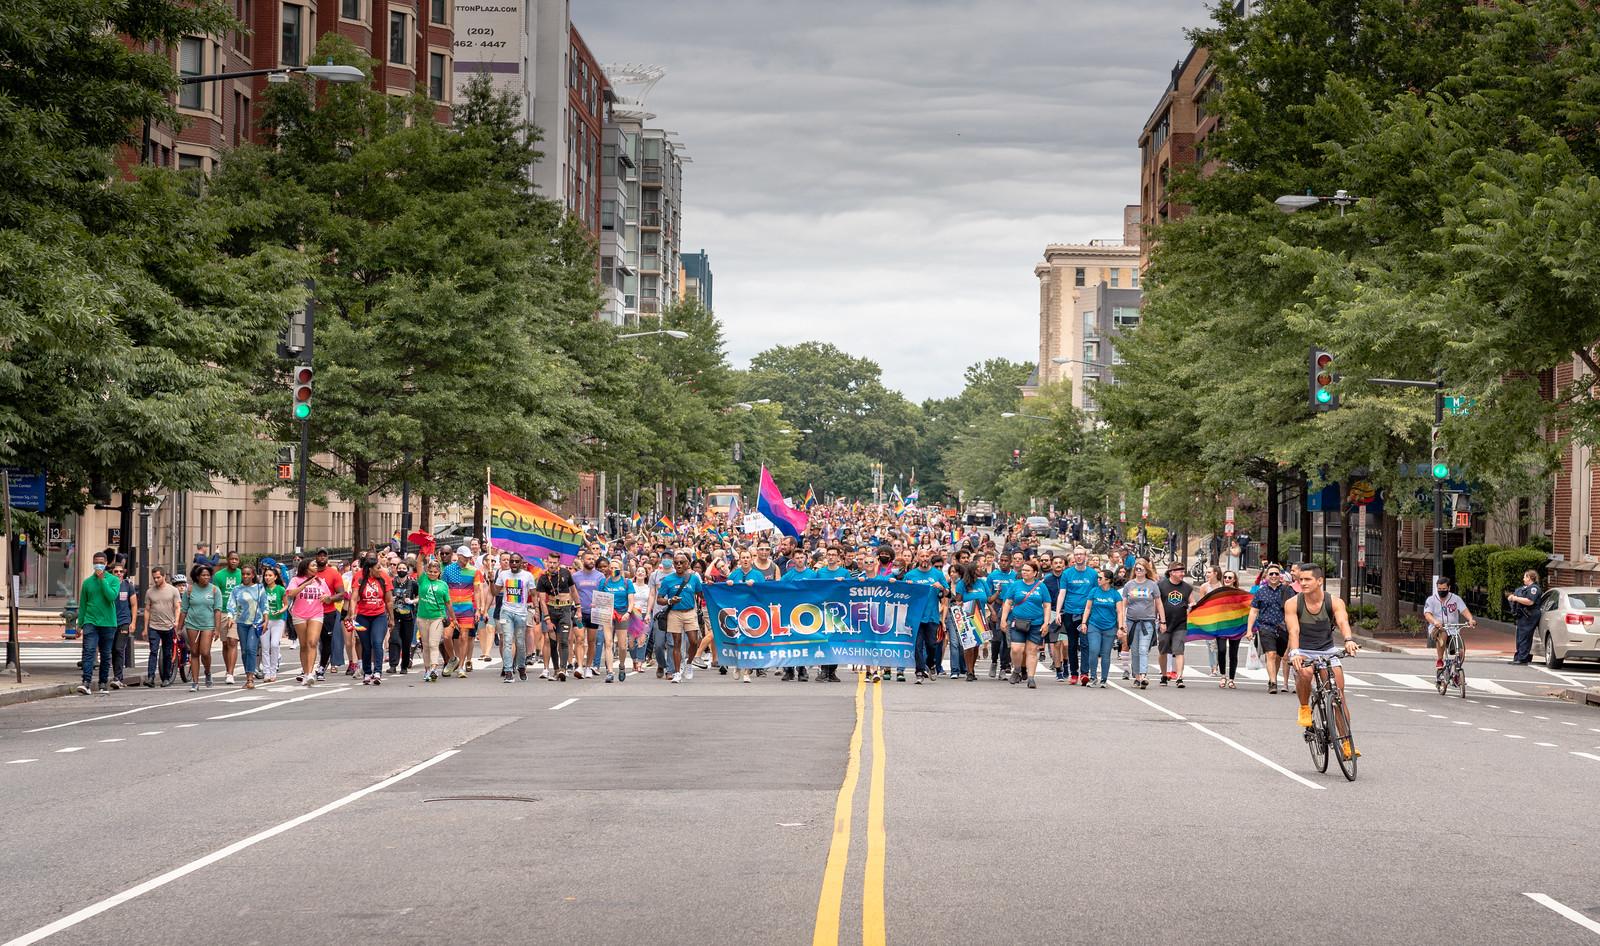 2021.06.12 Capital Pride Walk and Rally and Pridemobile Parade, Washington, DC USA 163 345145